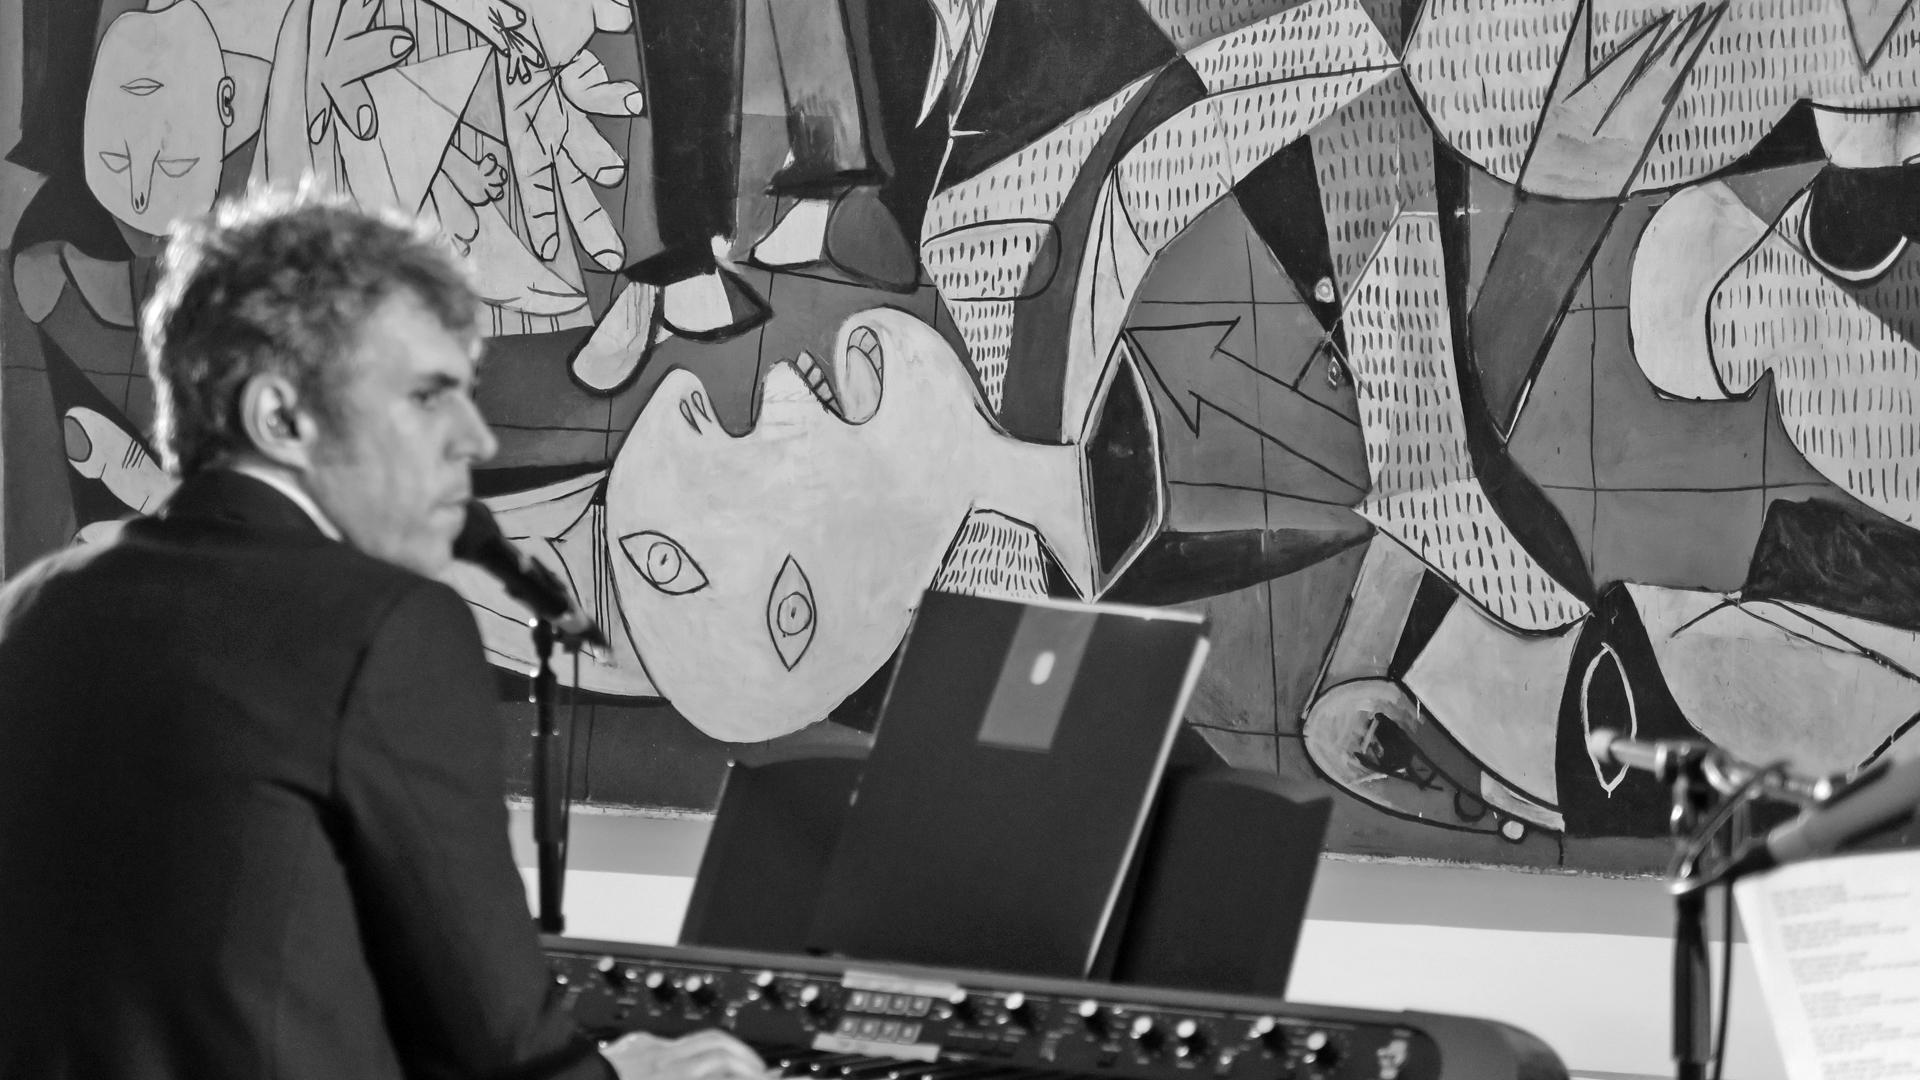 Suena Guernica - Iván Ferreiro, 'El pensamiento circular' - 07/06/17